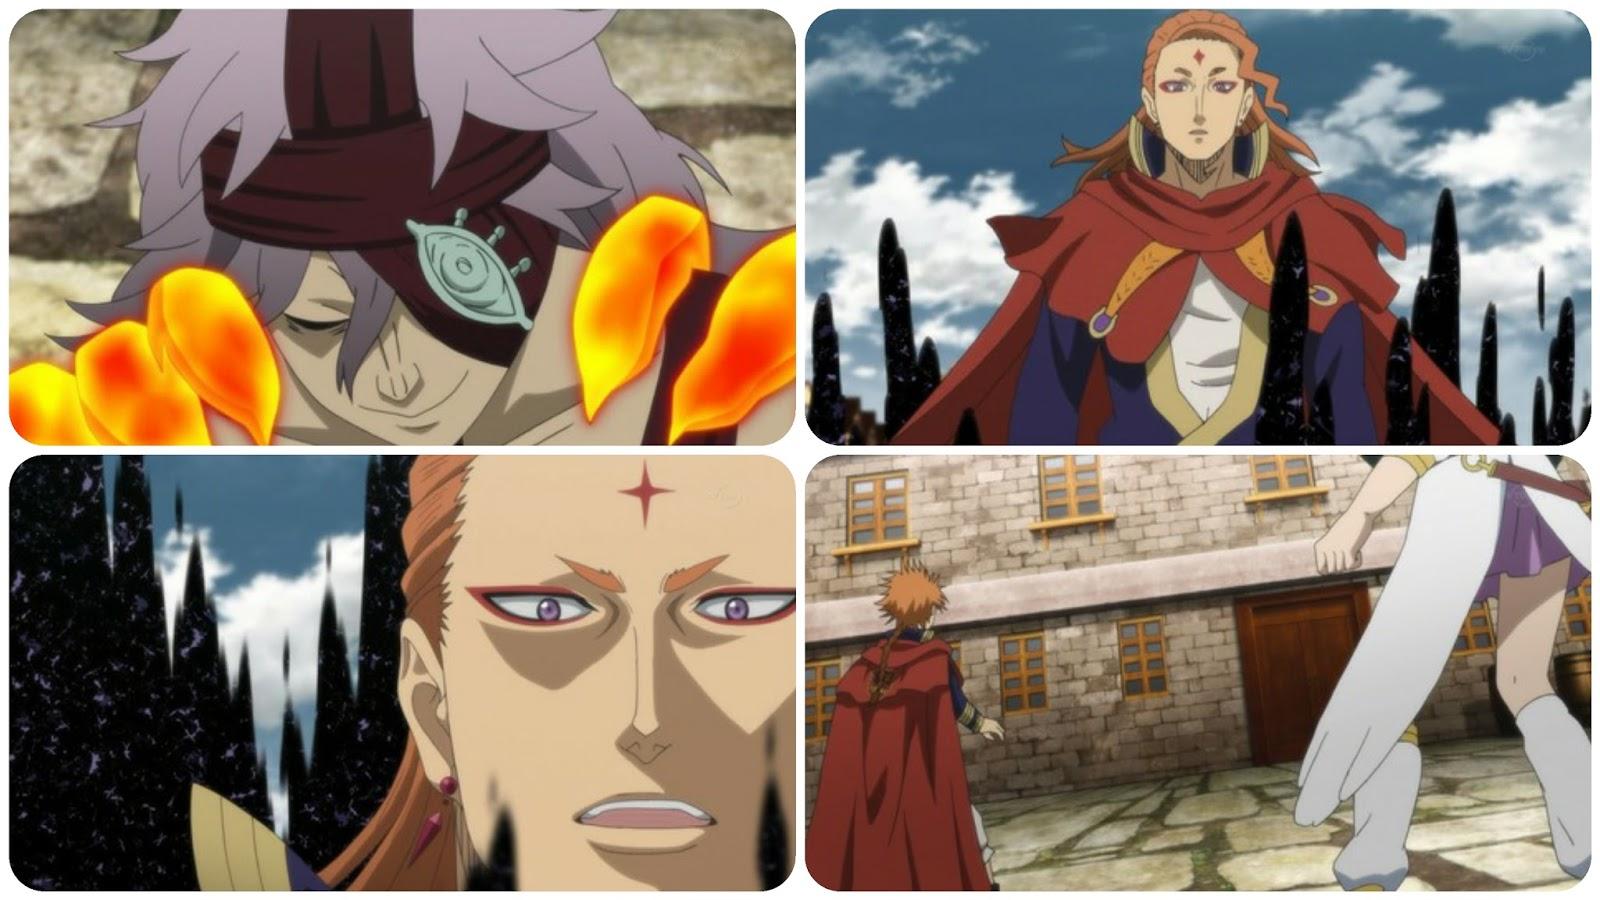 Anime Nikki Black Clover Episodio 24 Impressions-8845